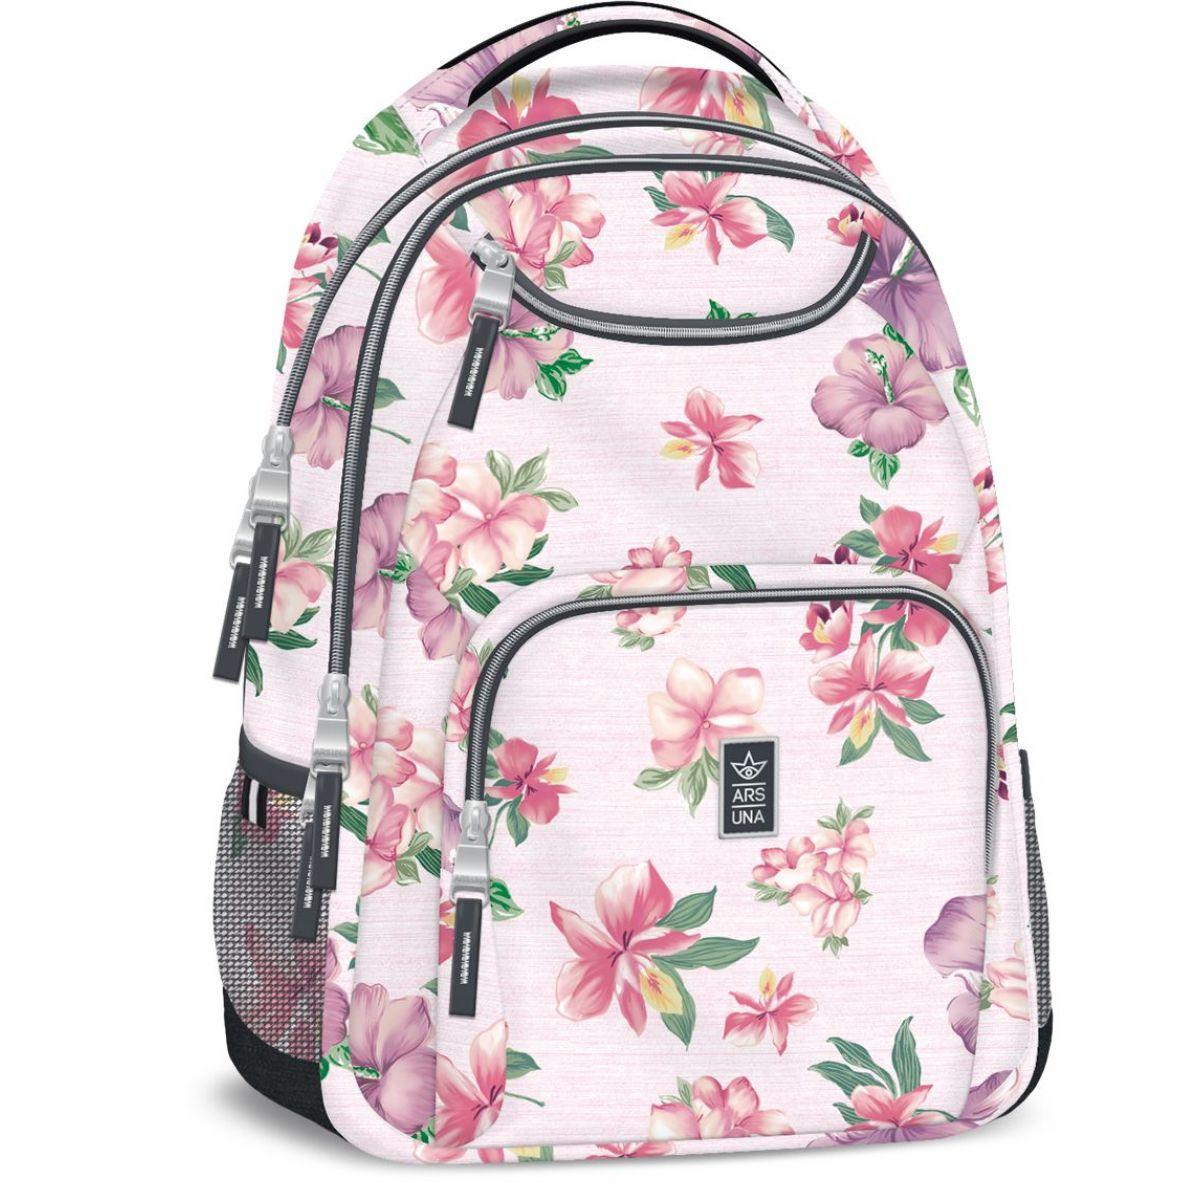 Ars Una Studentský batoh Flowers AU6